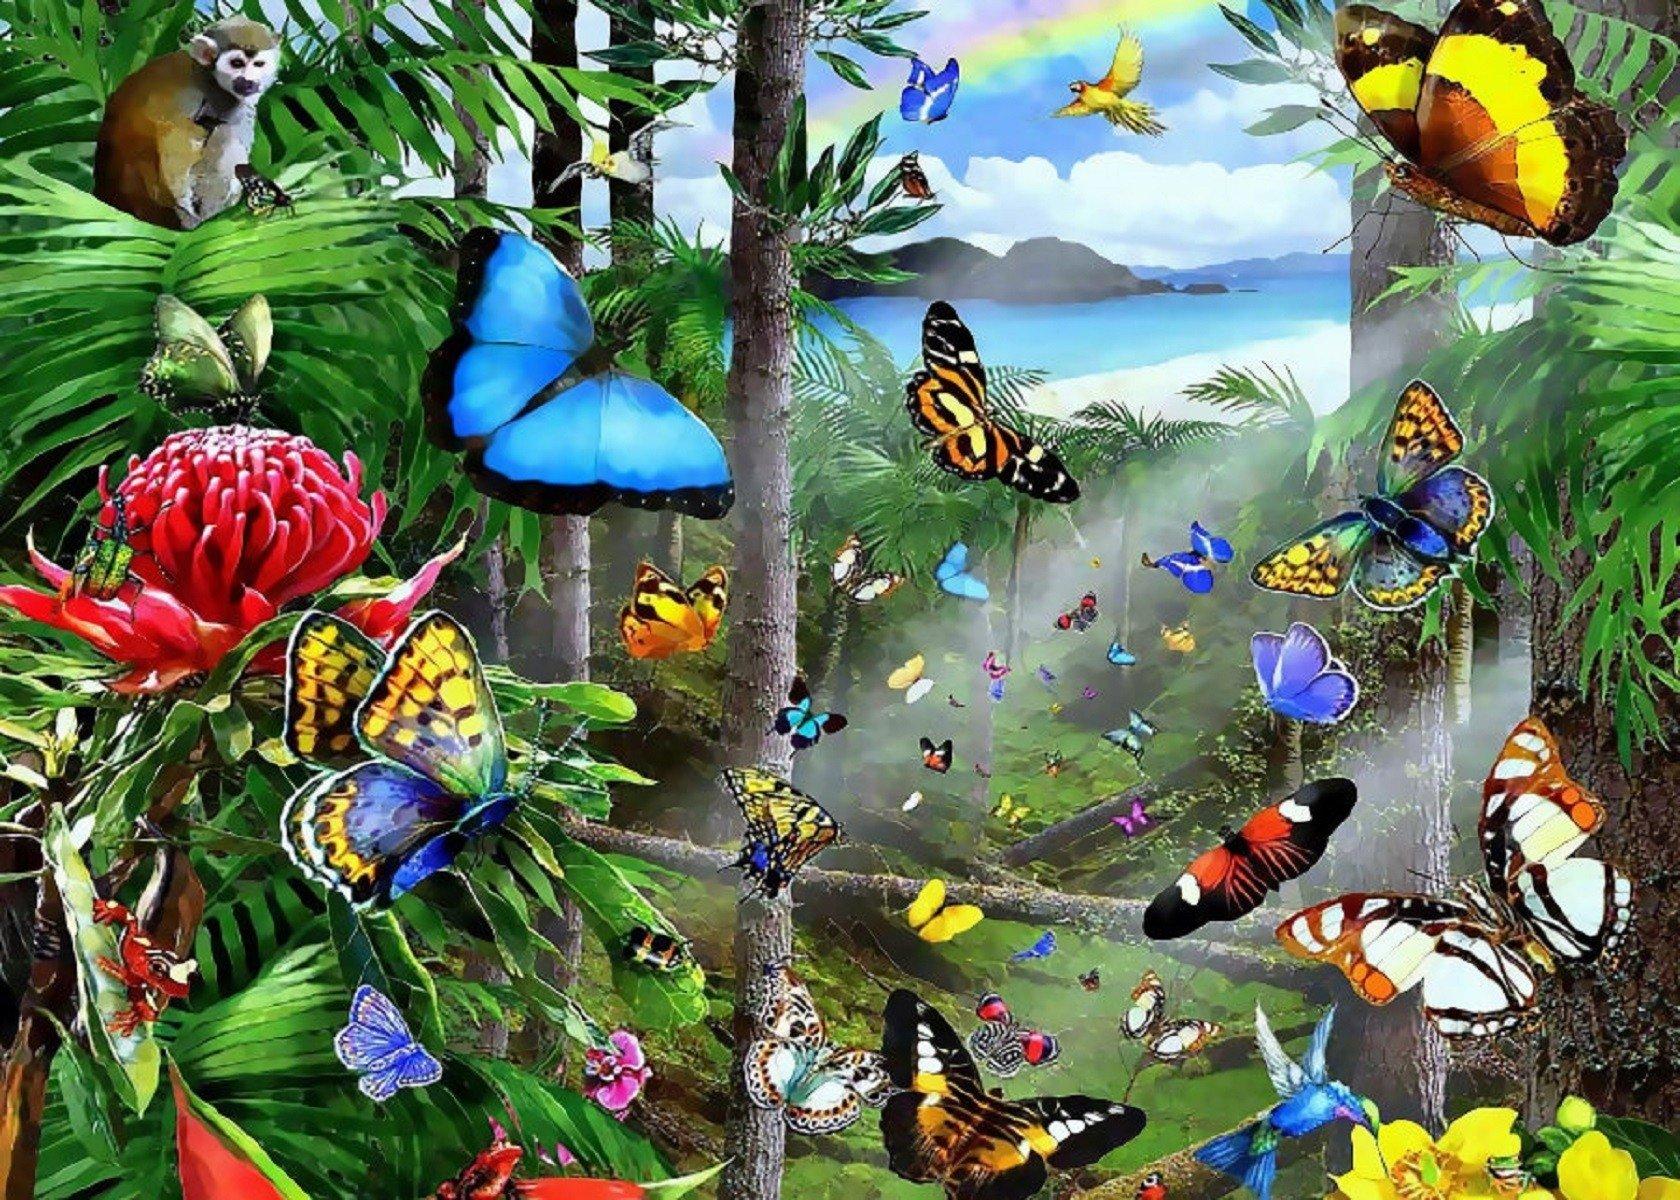 rainforest butterfly wallpaper - photo #1